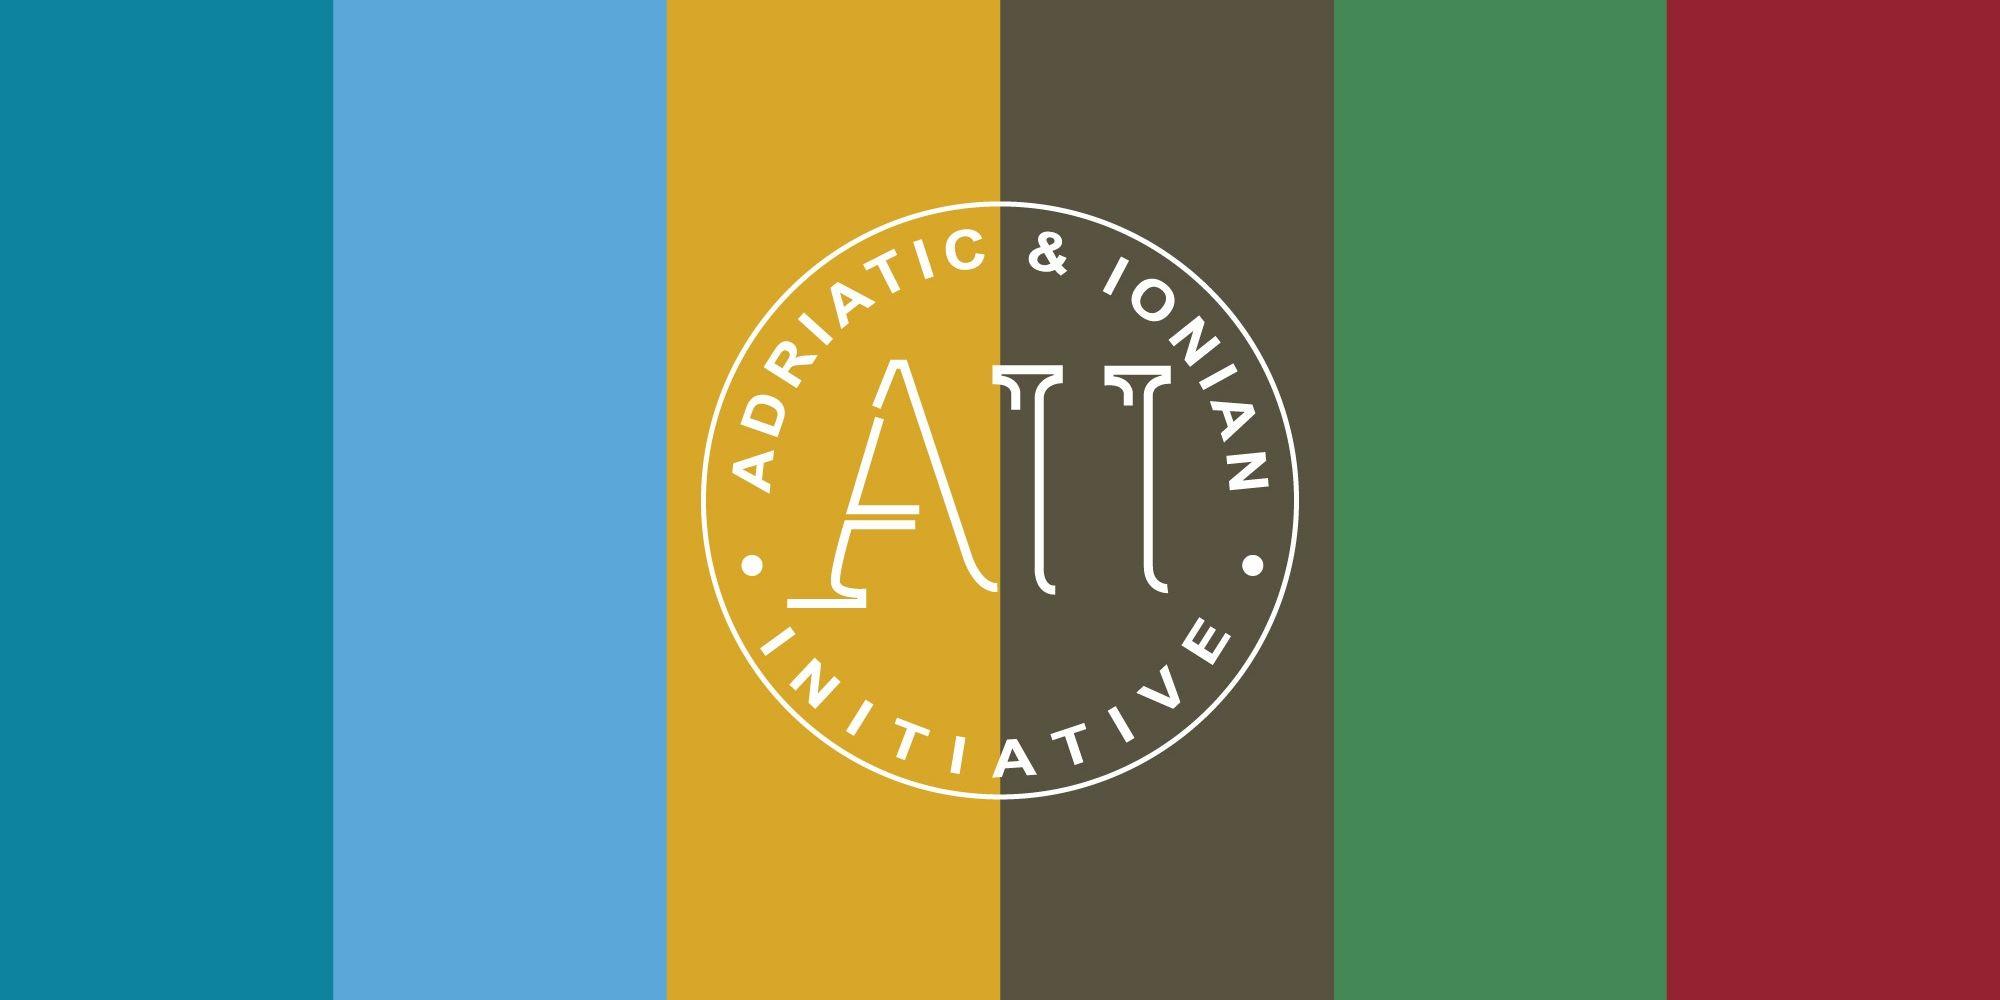 AII - Adriatic & Ionian Initiative